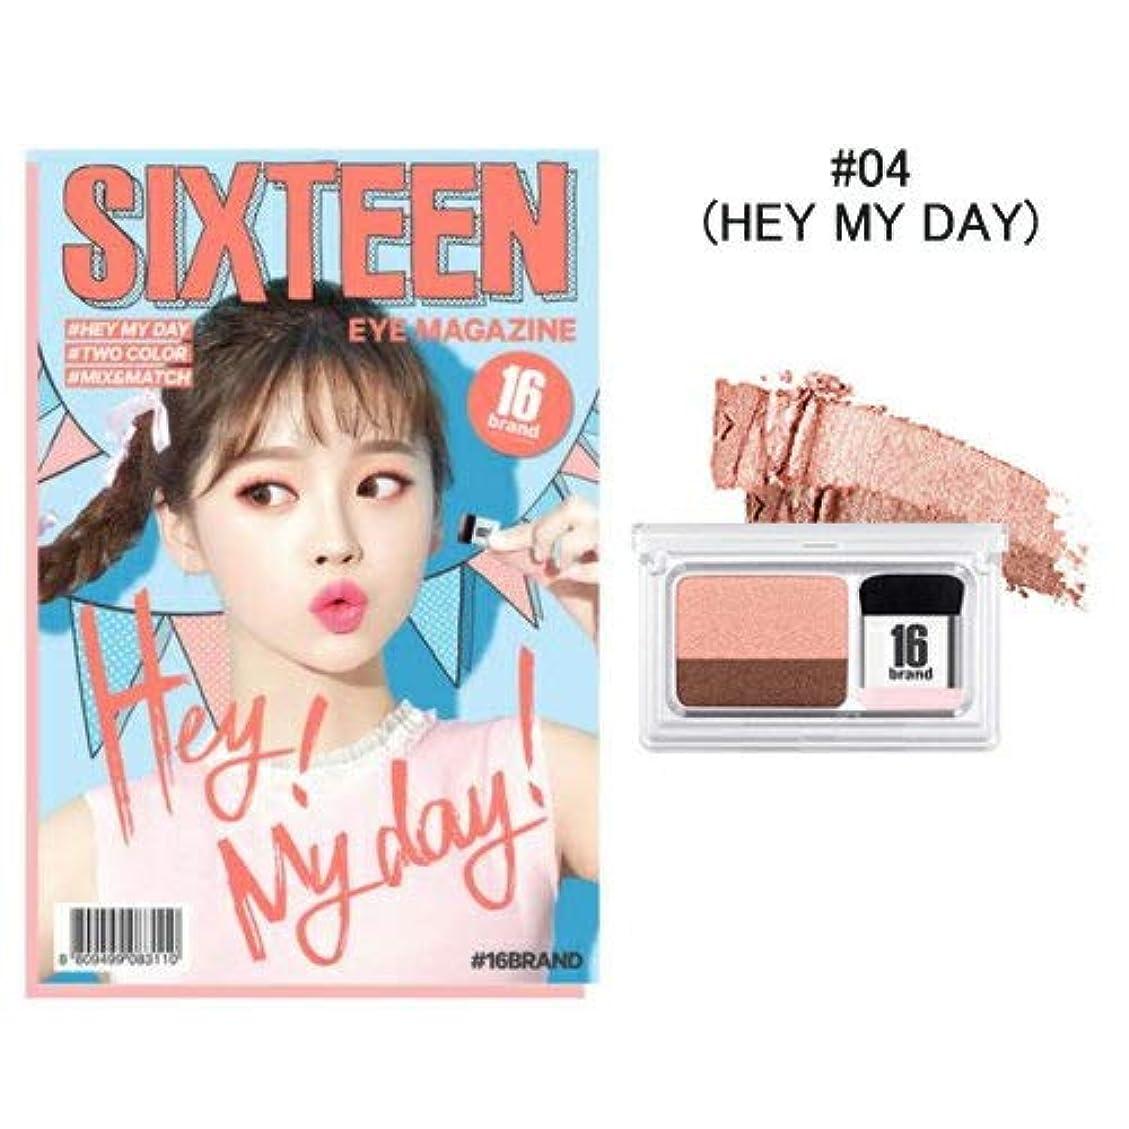 機械傾いた擬人化[New Color] 16brand Sixteen Eye Magazine 2g /16ブランド シックスティーン アイ マガジン 2g (#04 HEY MY DAY) [並行輸入品]